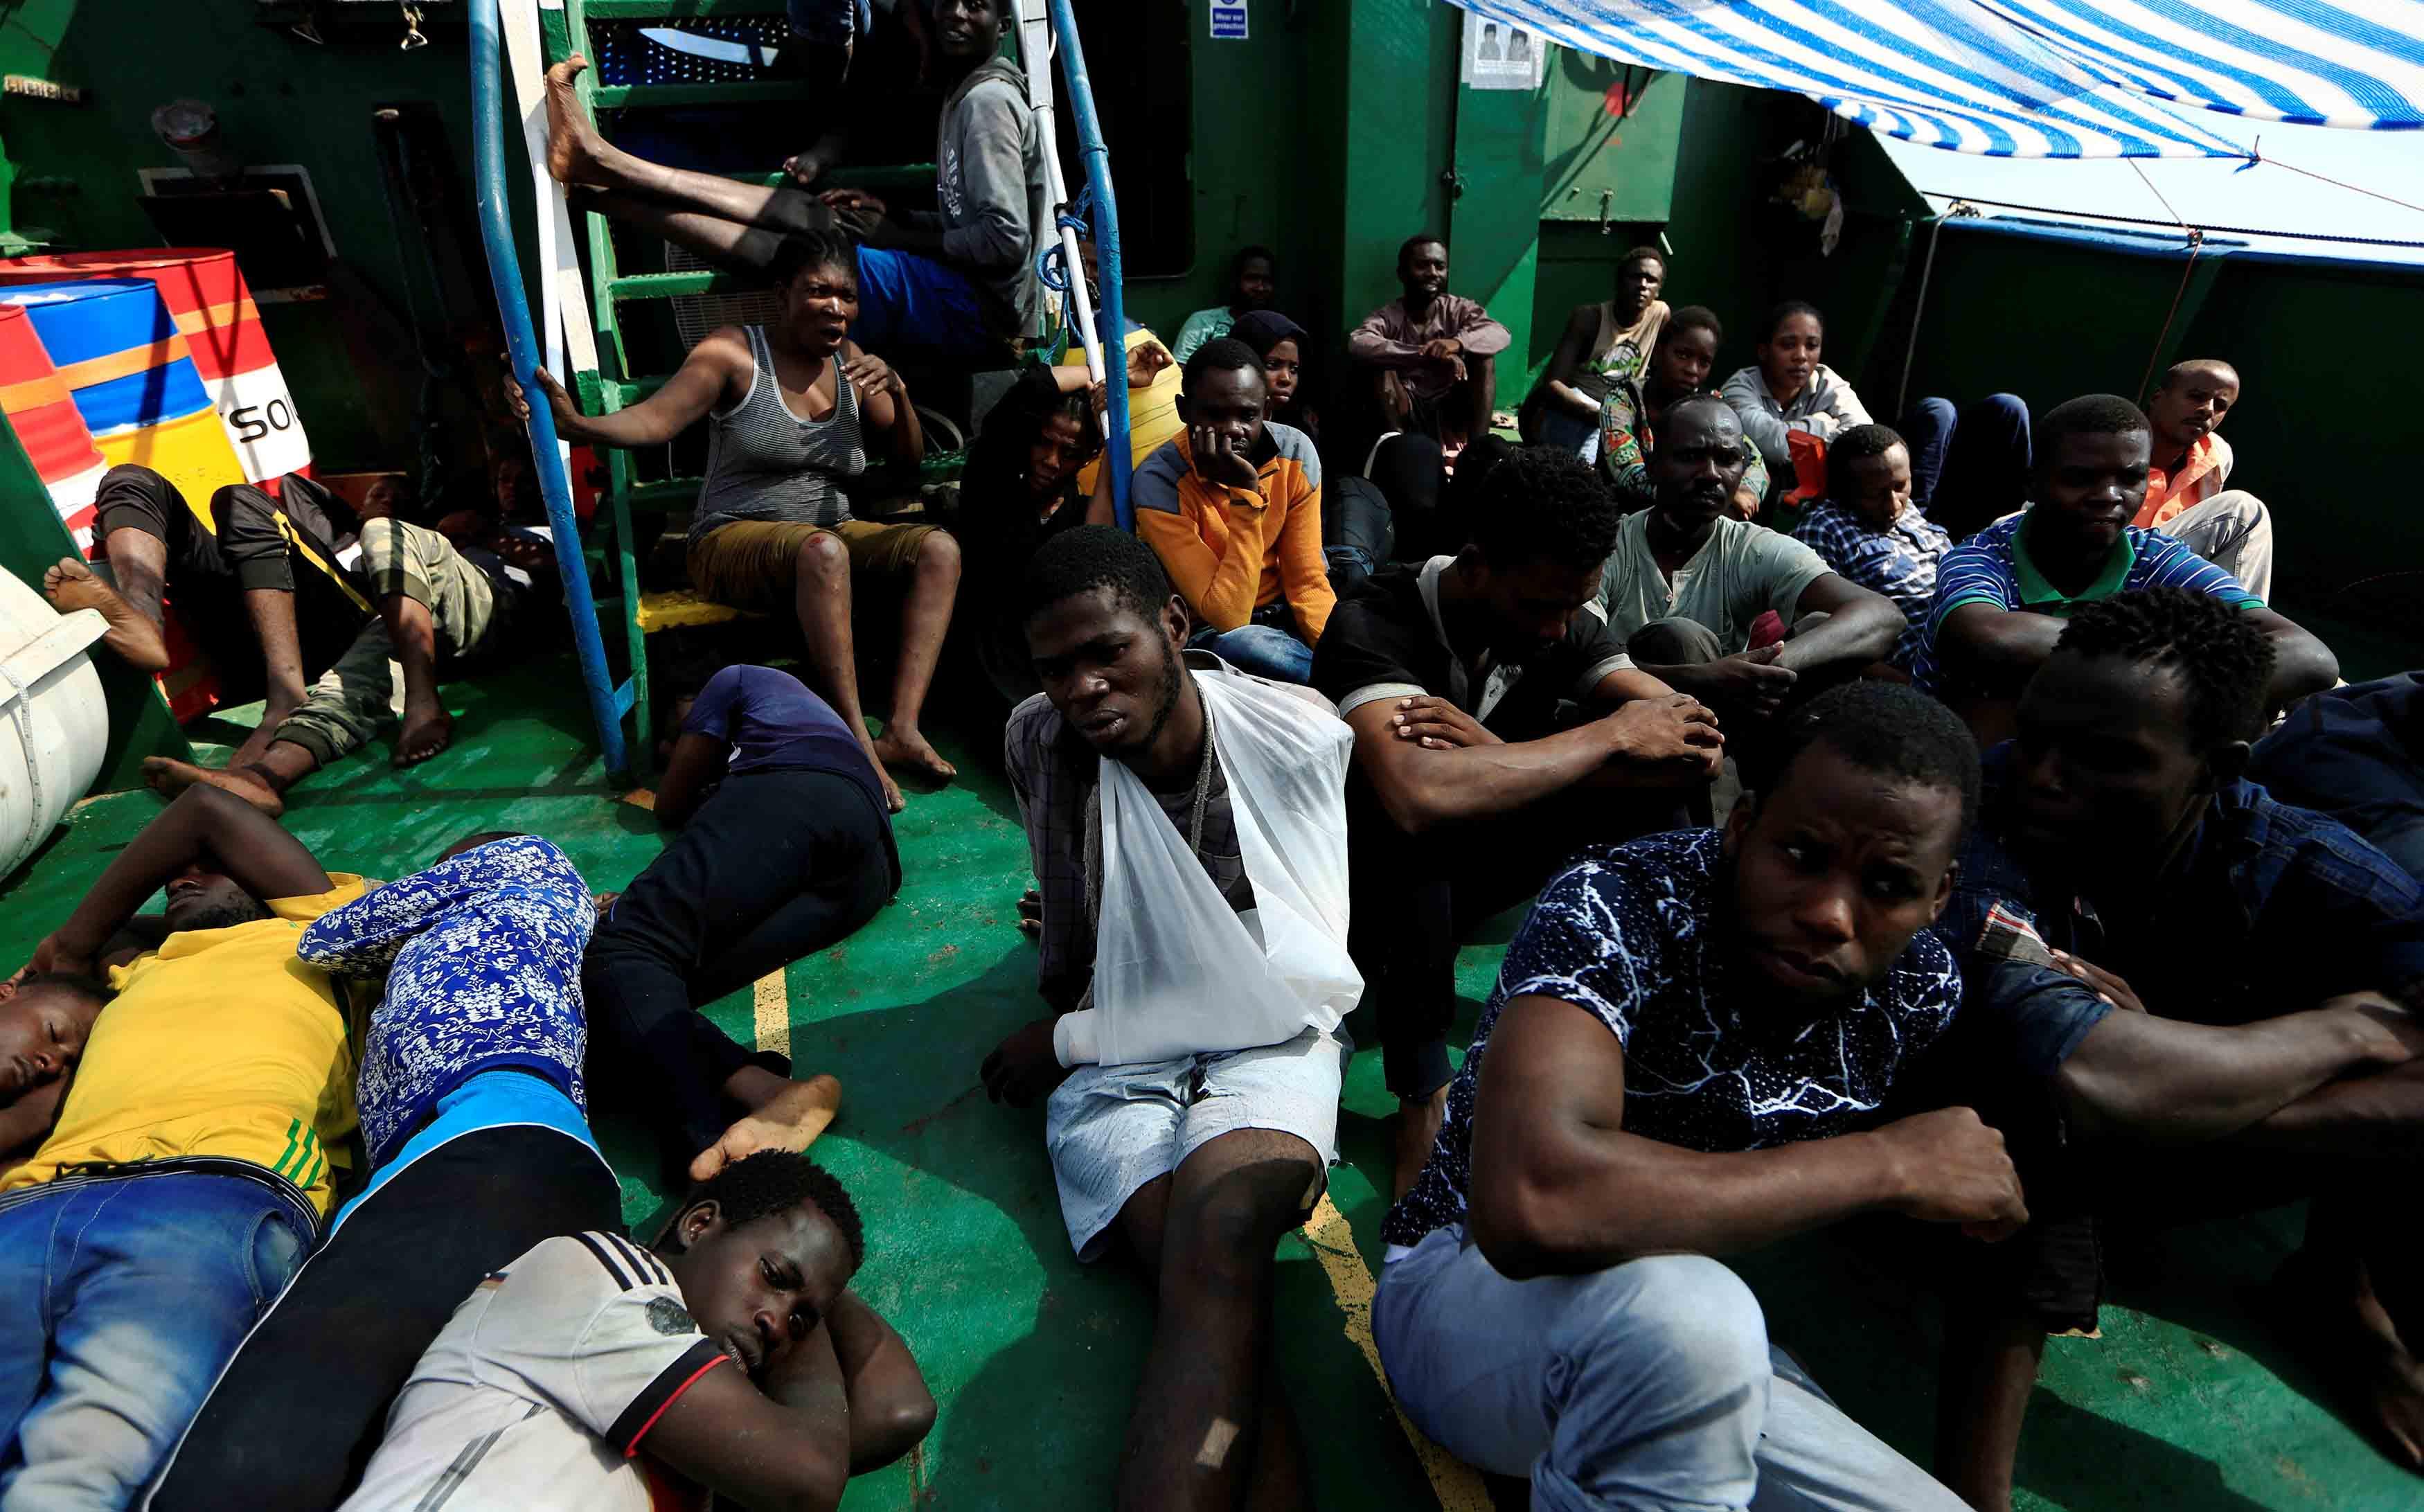 Cerca de 600 personas se trasladaban a Italia según indicaron las autoridades de rescate, 29 de ellas fallecieron en el intento